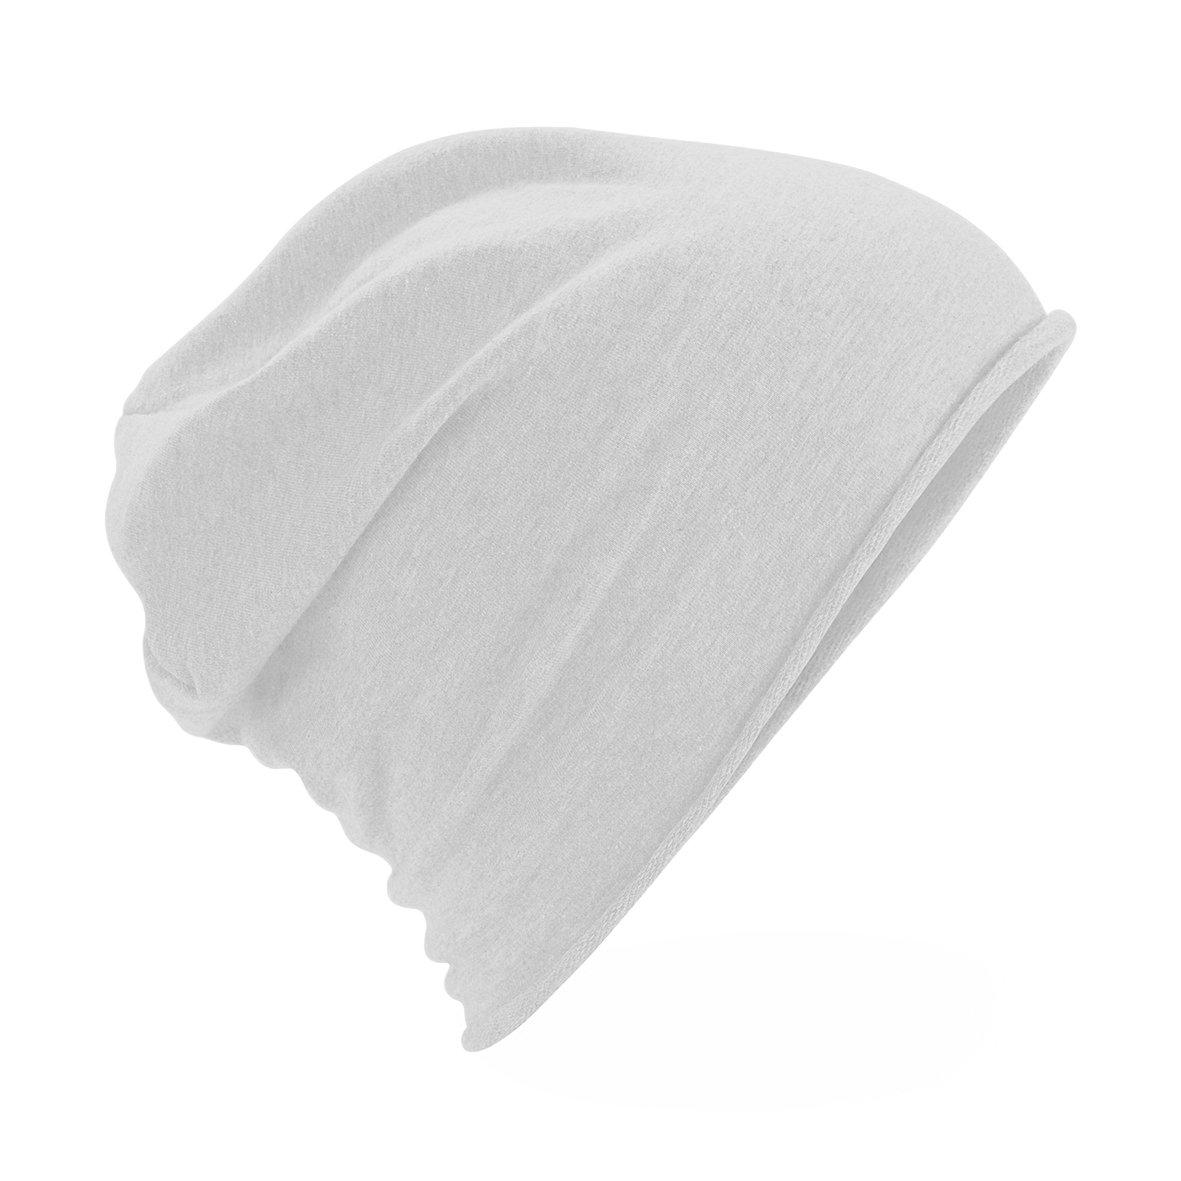 a621781385c Beechfield - Bonnet uni - Homme (Taille unique) (Blanc)  Amazon.fr   Vêtements et accessoires